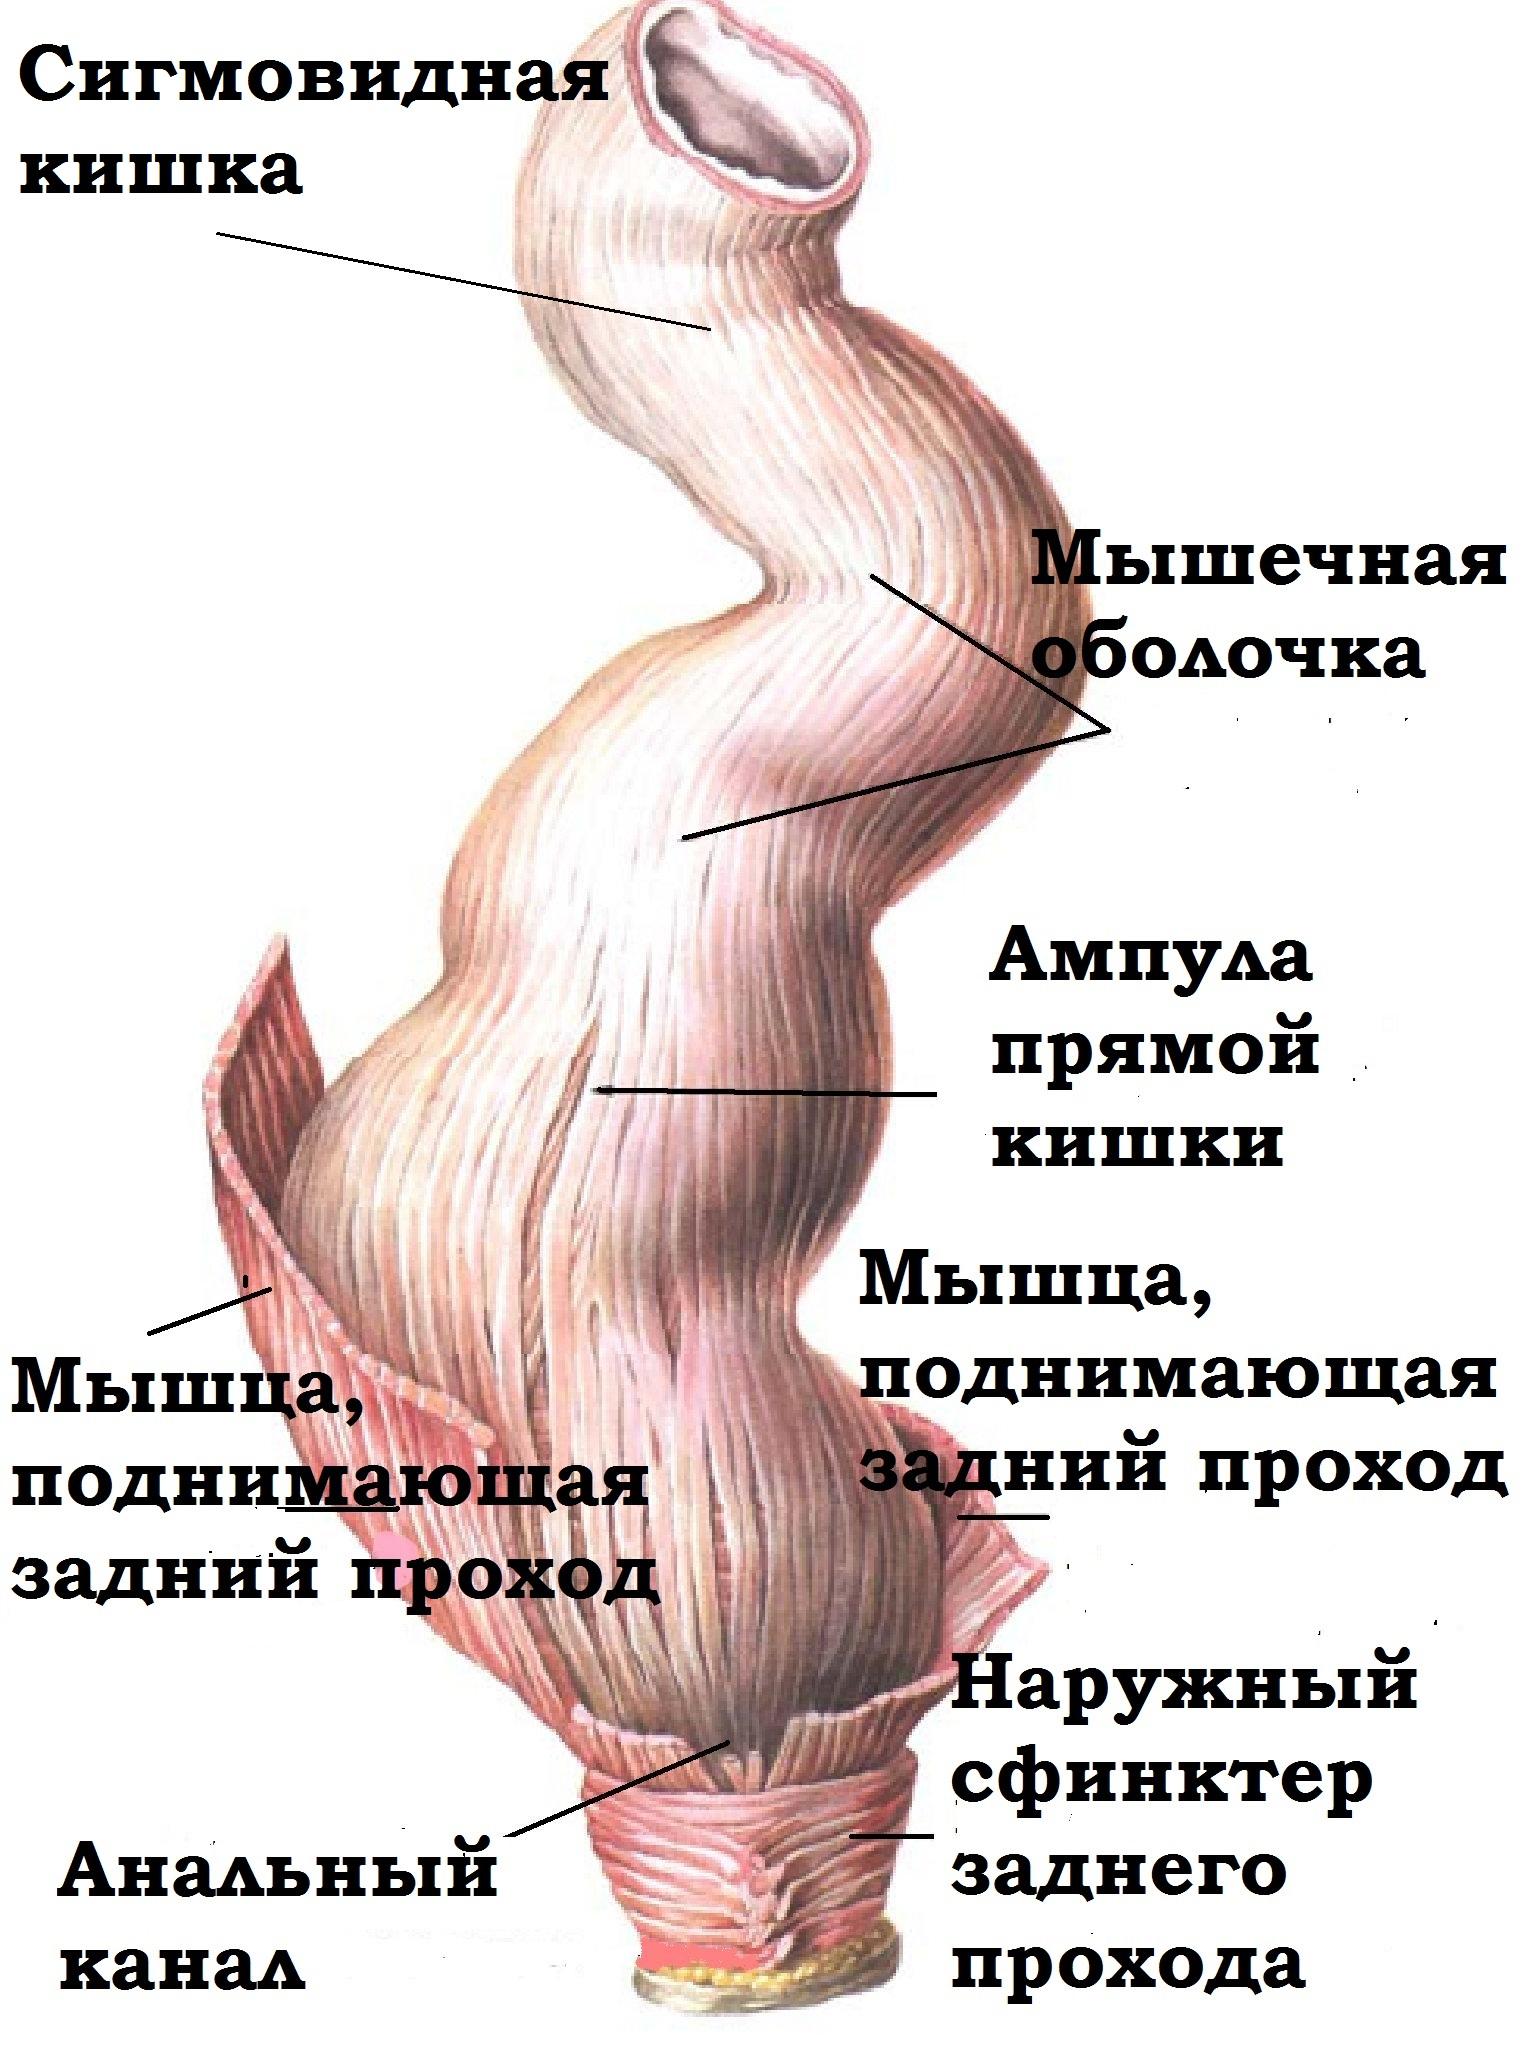 Кишка Передняя